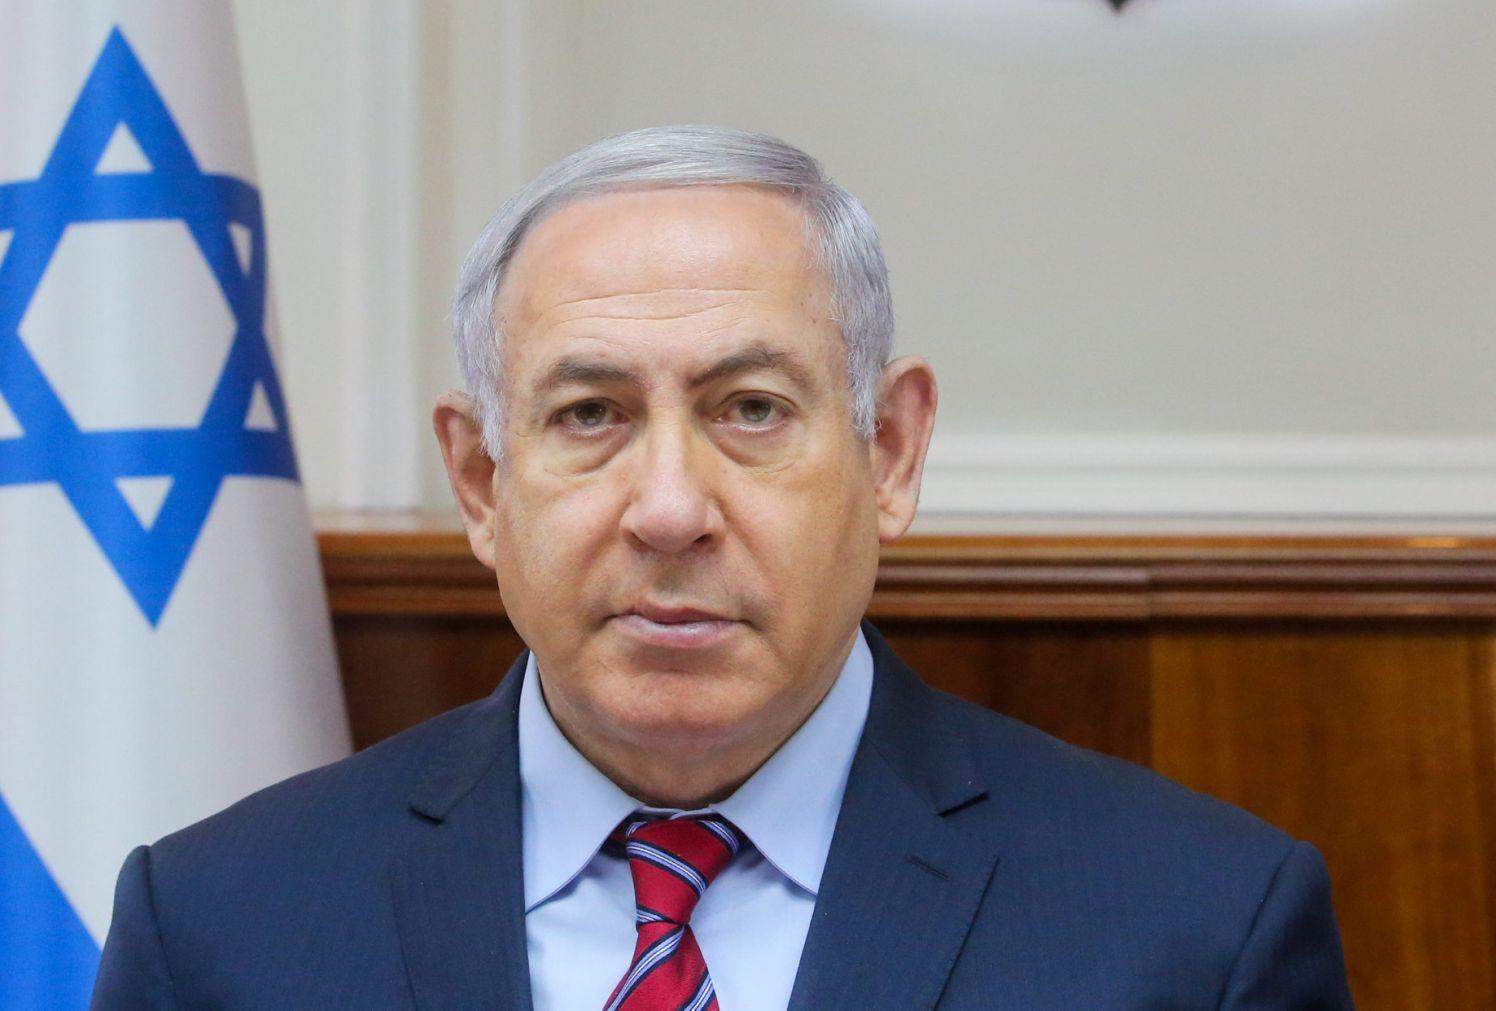 تحلیل هاآرتص از اشک تمساح نتانیاهو برای مردم ایران!